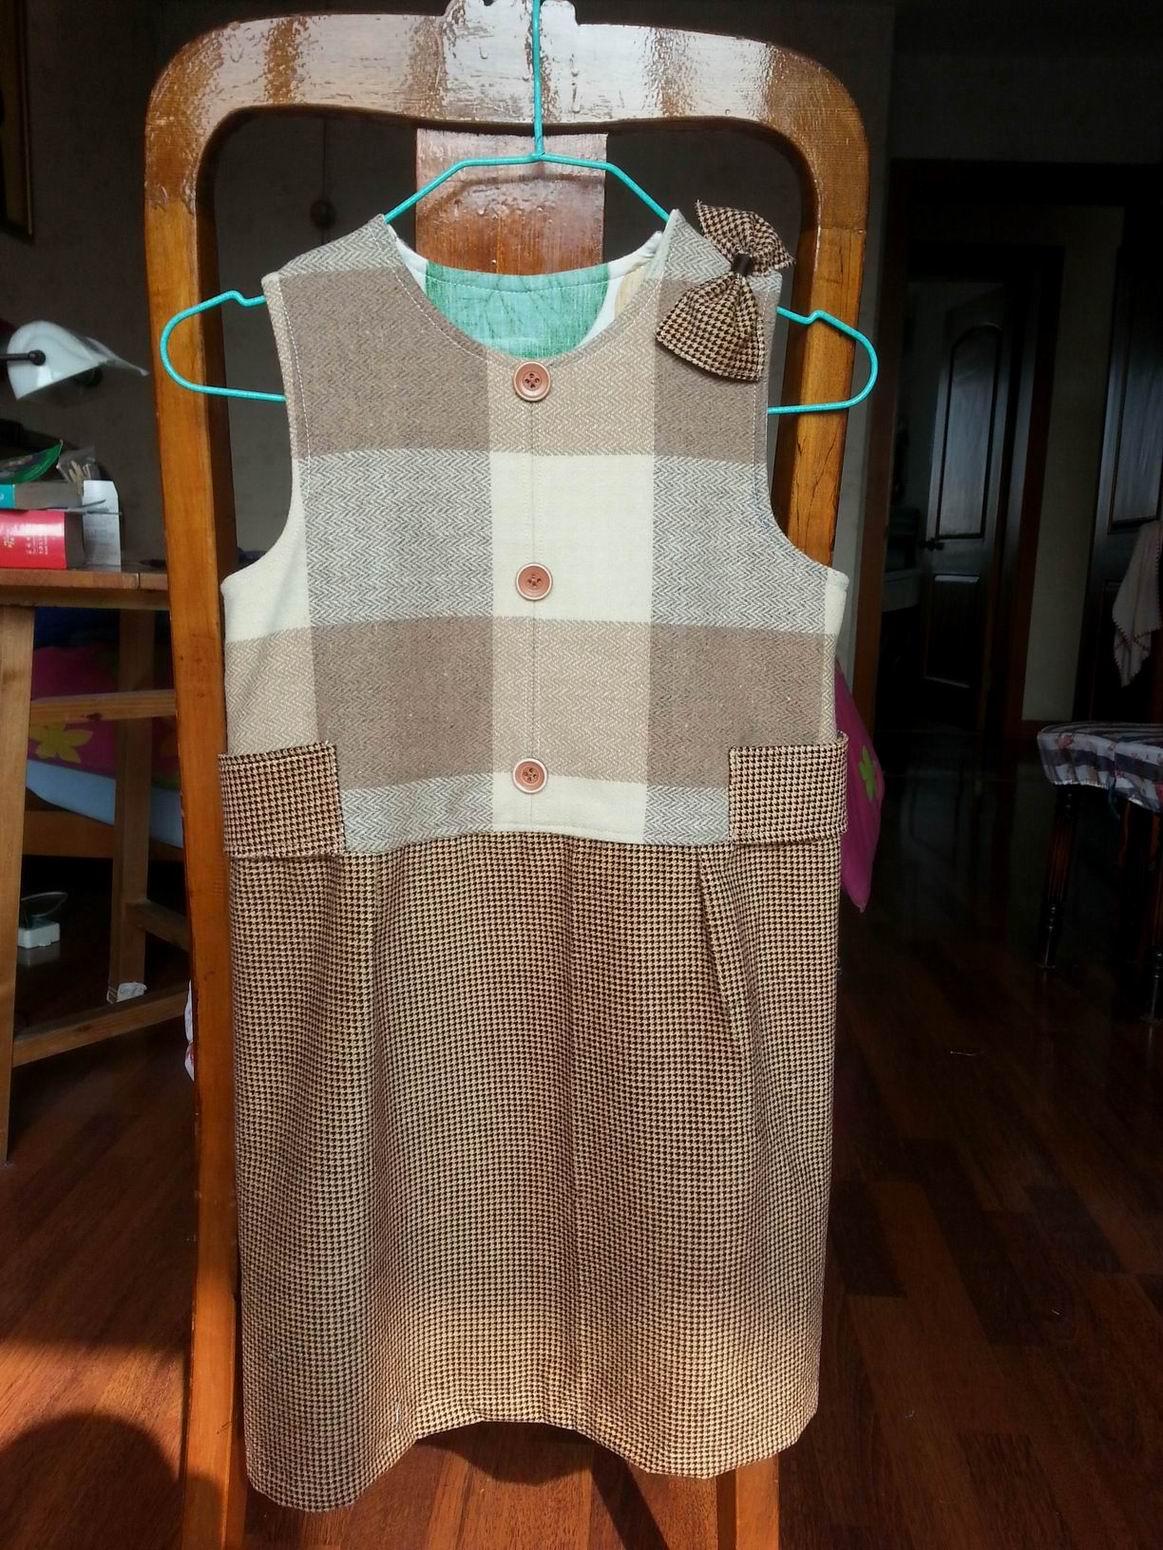 以前做衣服边角料做的小裙子.jpg